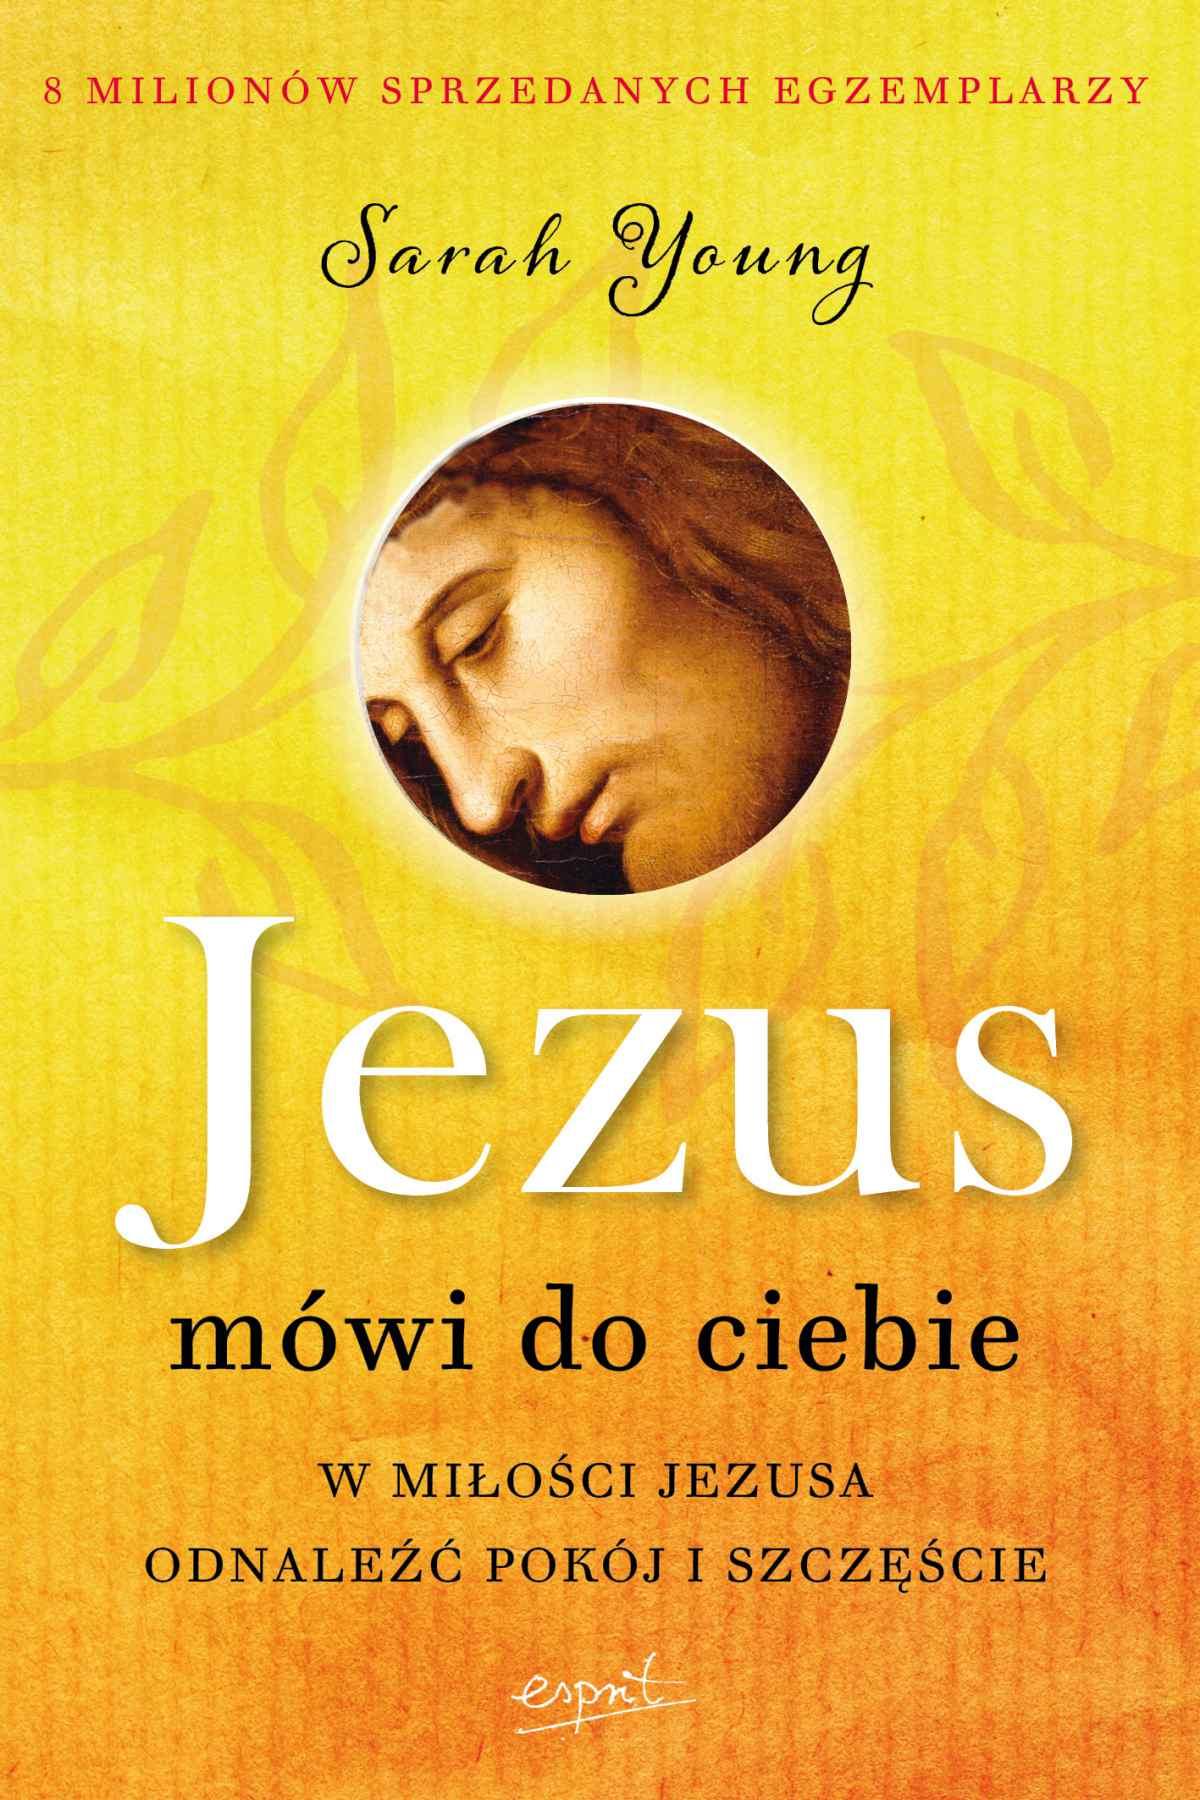 Jezus mówi do Ciebie - Ebook (Książka EPUB) do pobrania w formacie EPUB